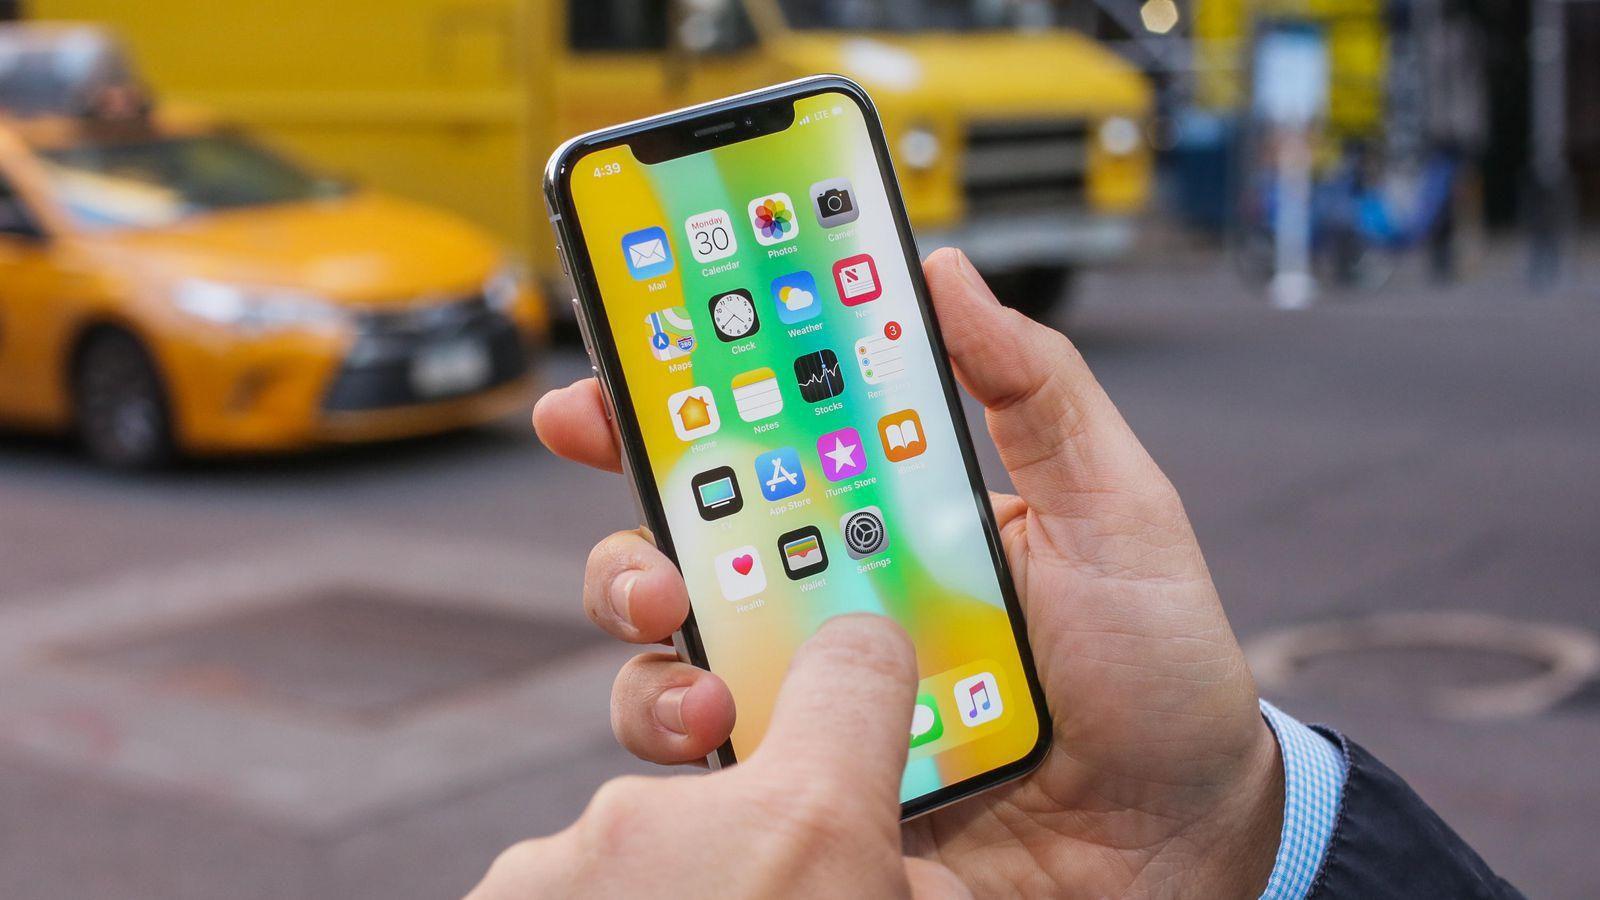 iPhone X-ին բաժին է ընկնում սմարթֆոնների շուկայի շահույթի 35%-ը